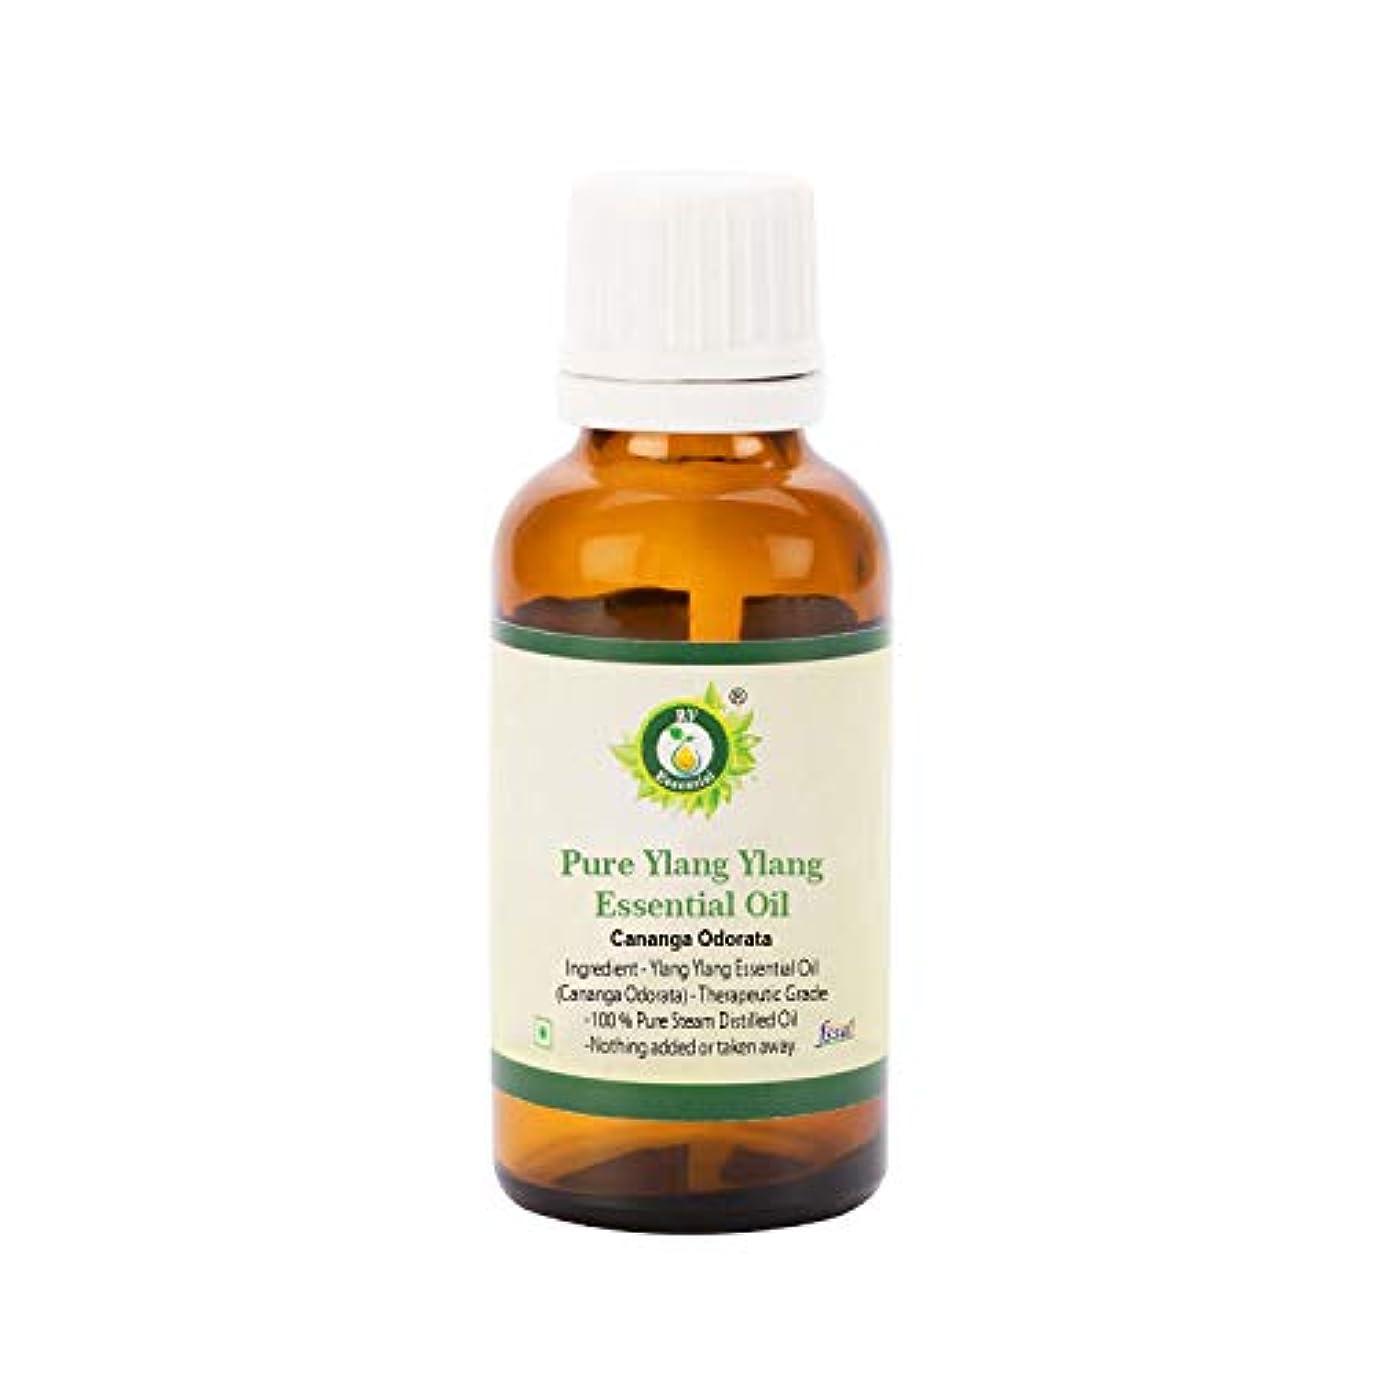 電報アクセル提唱するR V Essential ピュアイランイランエッセンシャルオイル10ml (0.338oz)- Cananga Odorata (100%純粋&天然スチームDistilled) Pure Ylang Ylang Essential Oil